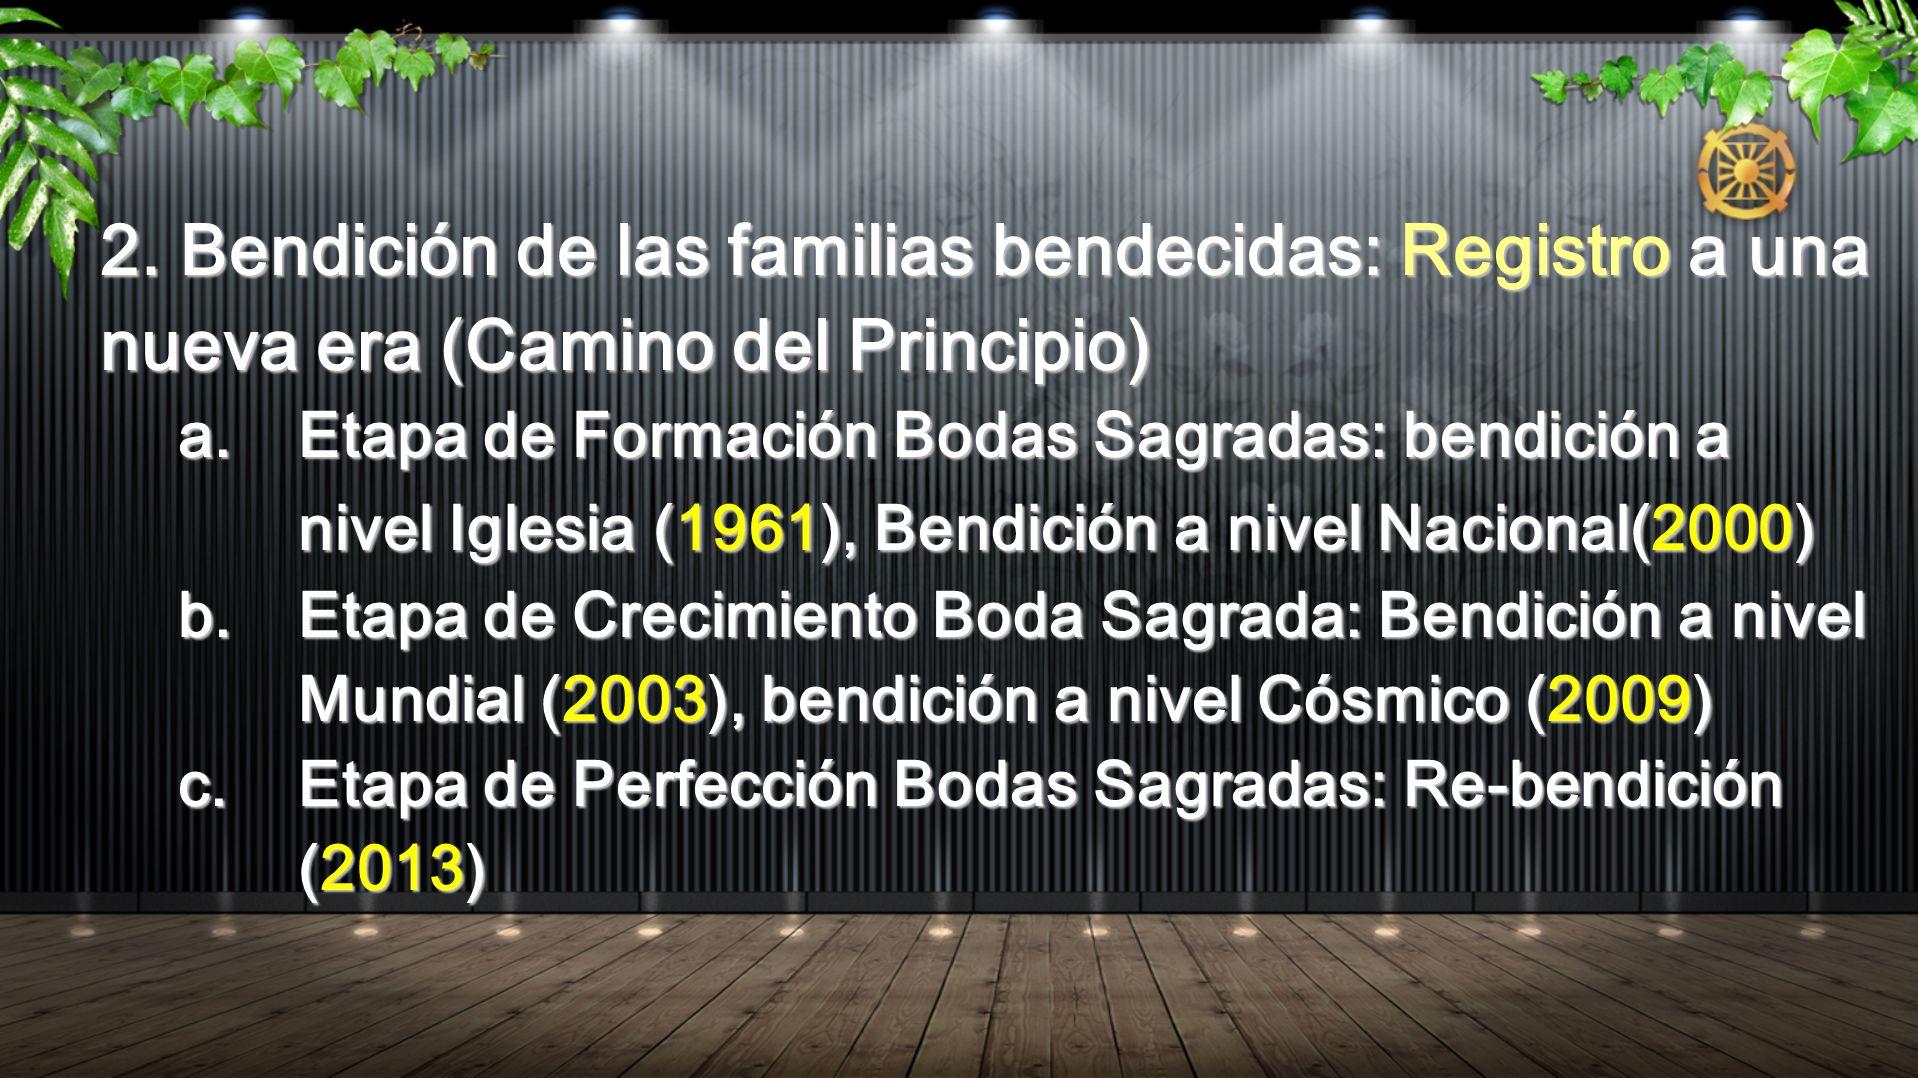 2. Bendición de las familias bendecidas: Registro a una nueva era (Camino del Principio) a. Etapa de Formación Bodas Sagradas: bendición a nivel Igles